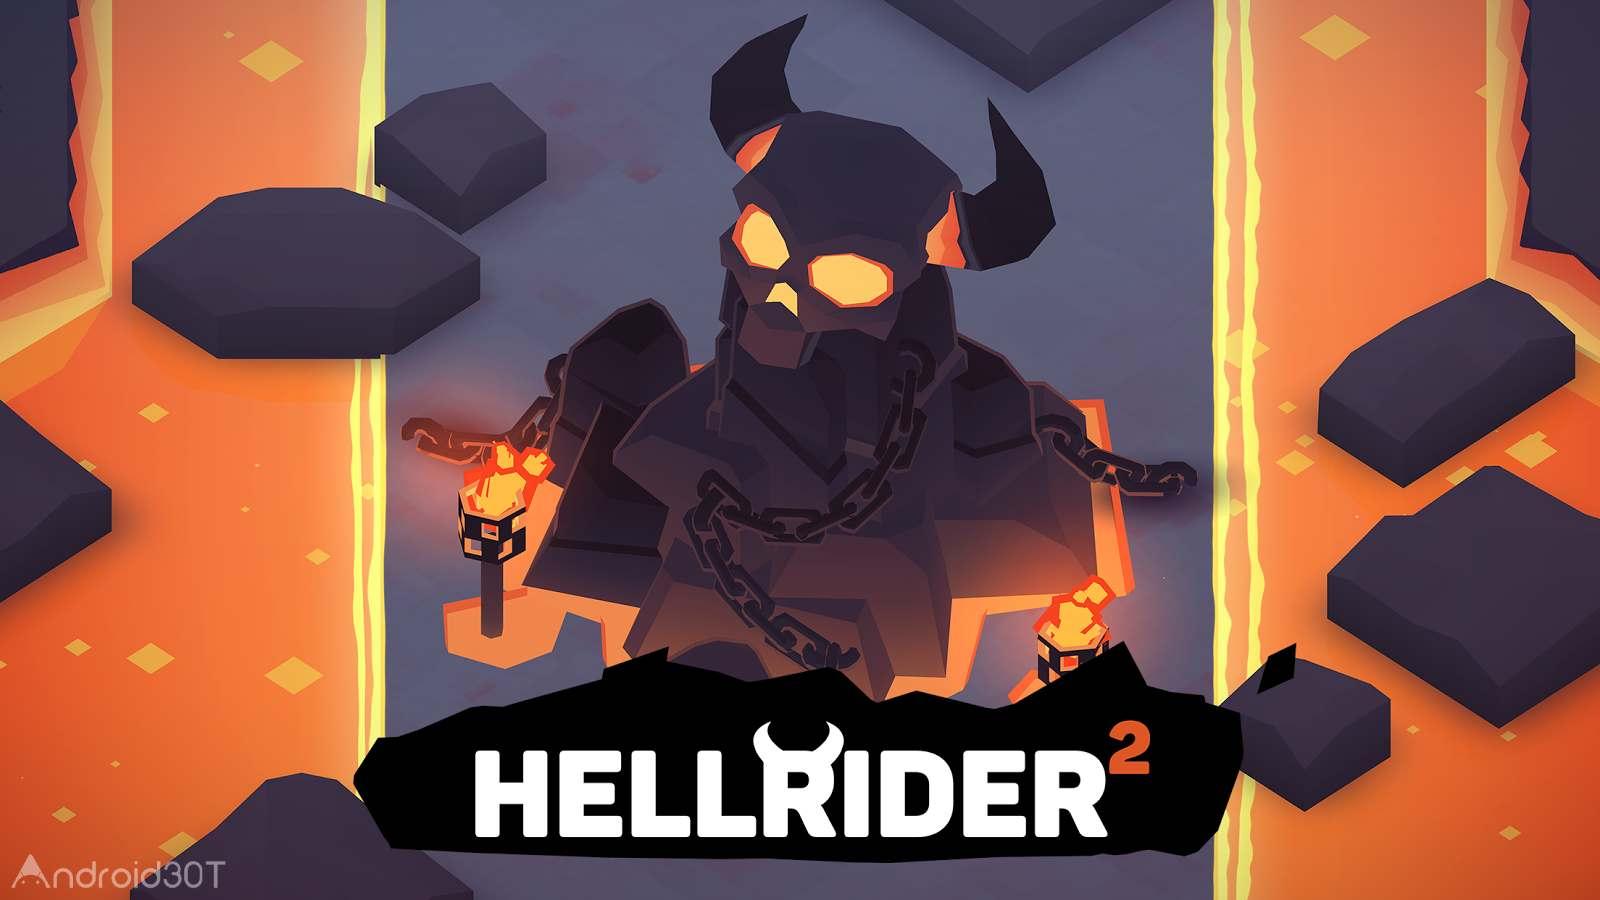 دانلود Hellrider 2 v1.87 – بازی اکشن سوار جهنمی 2 اندروید